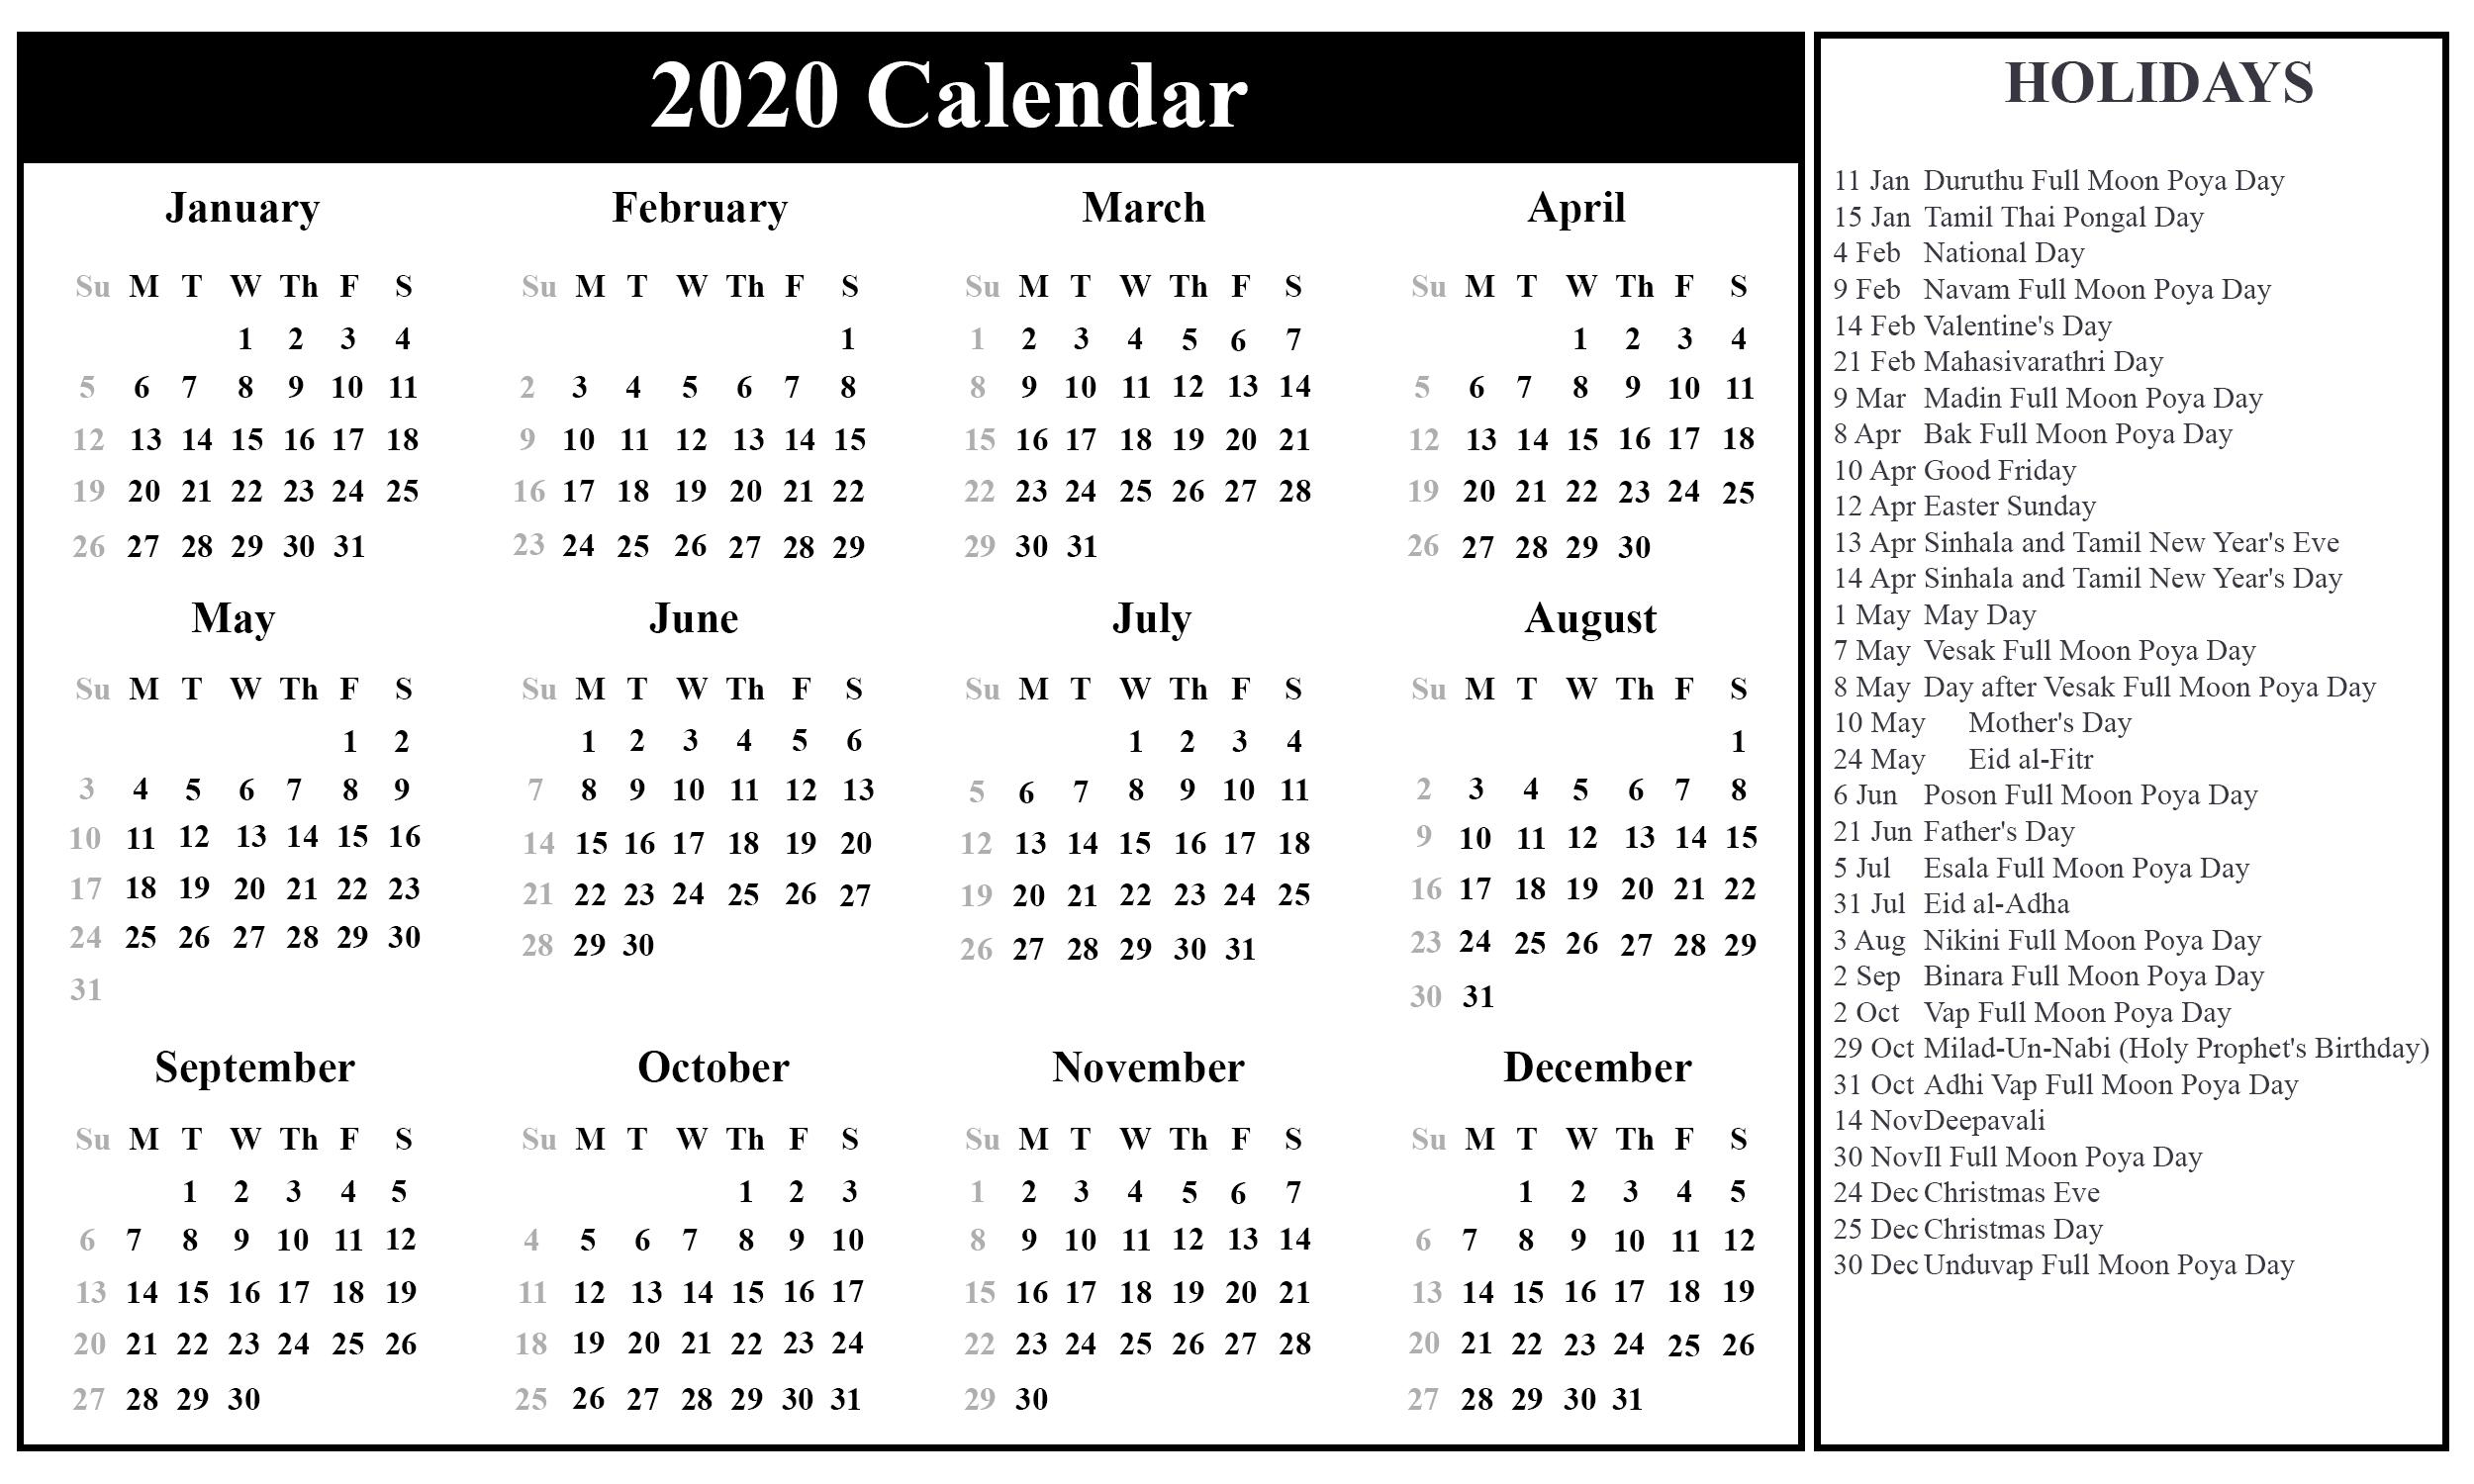 Srilanka-Holiday-2020-2 | Printable Template Calendar